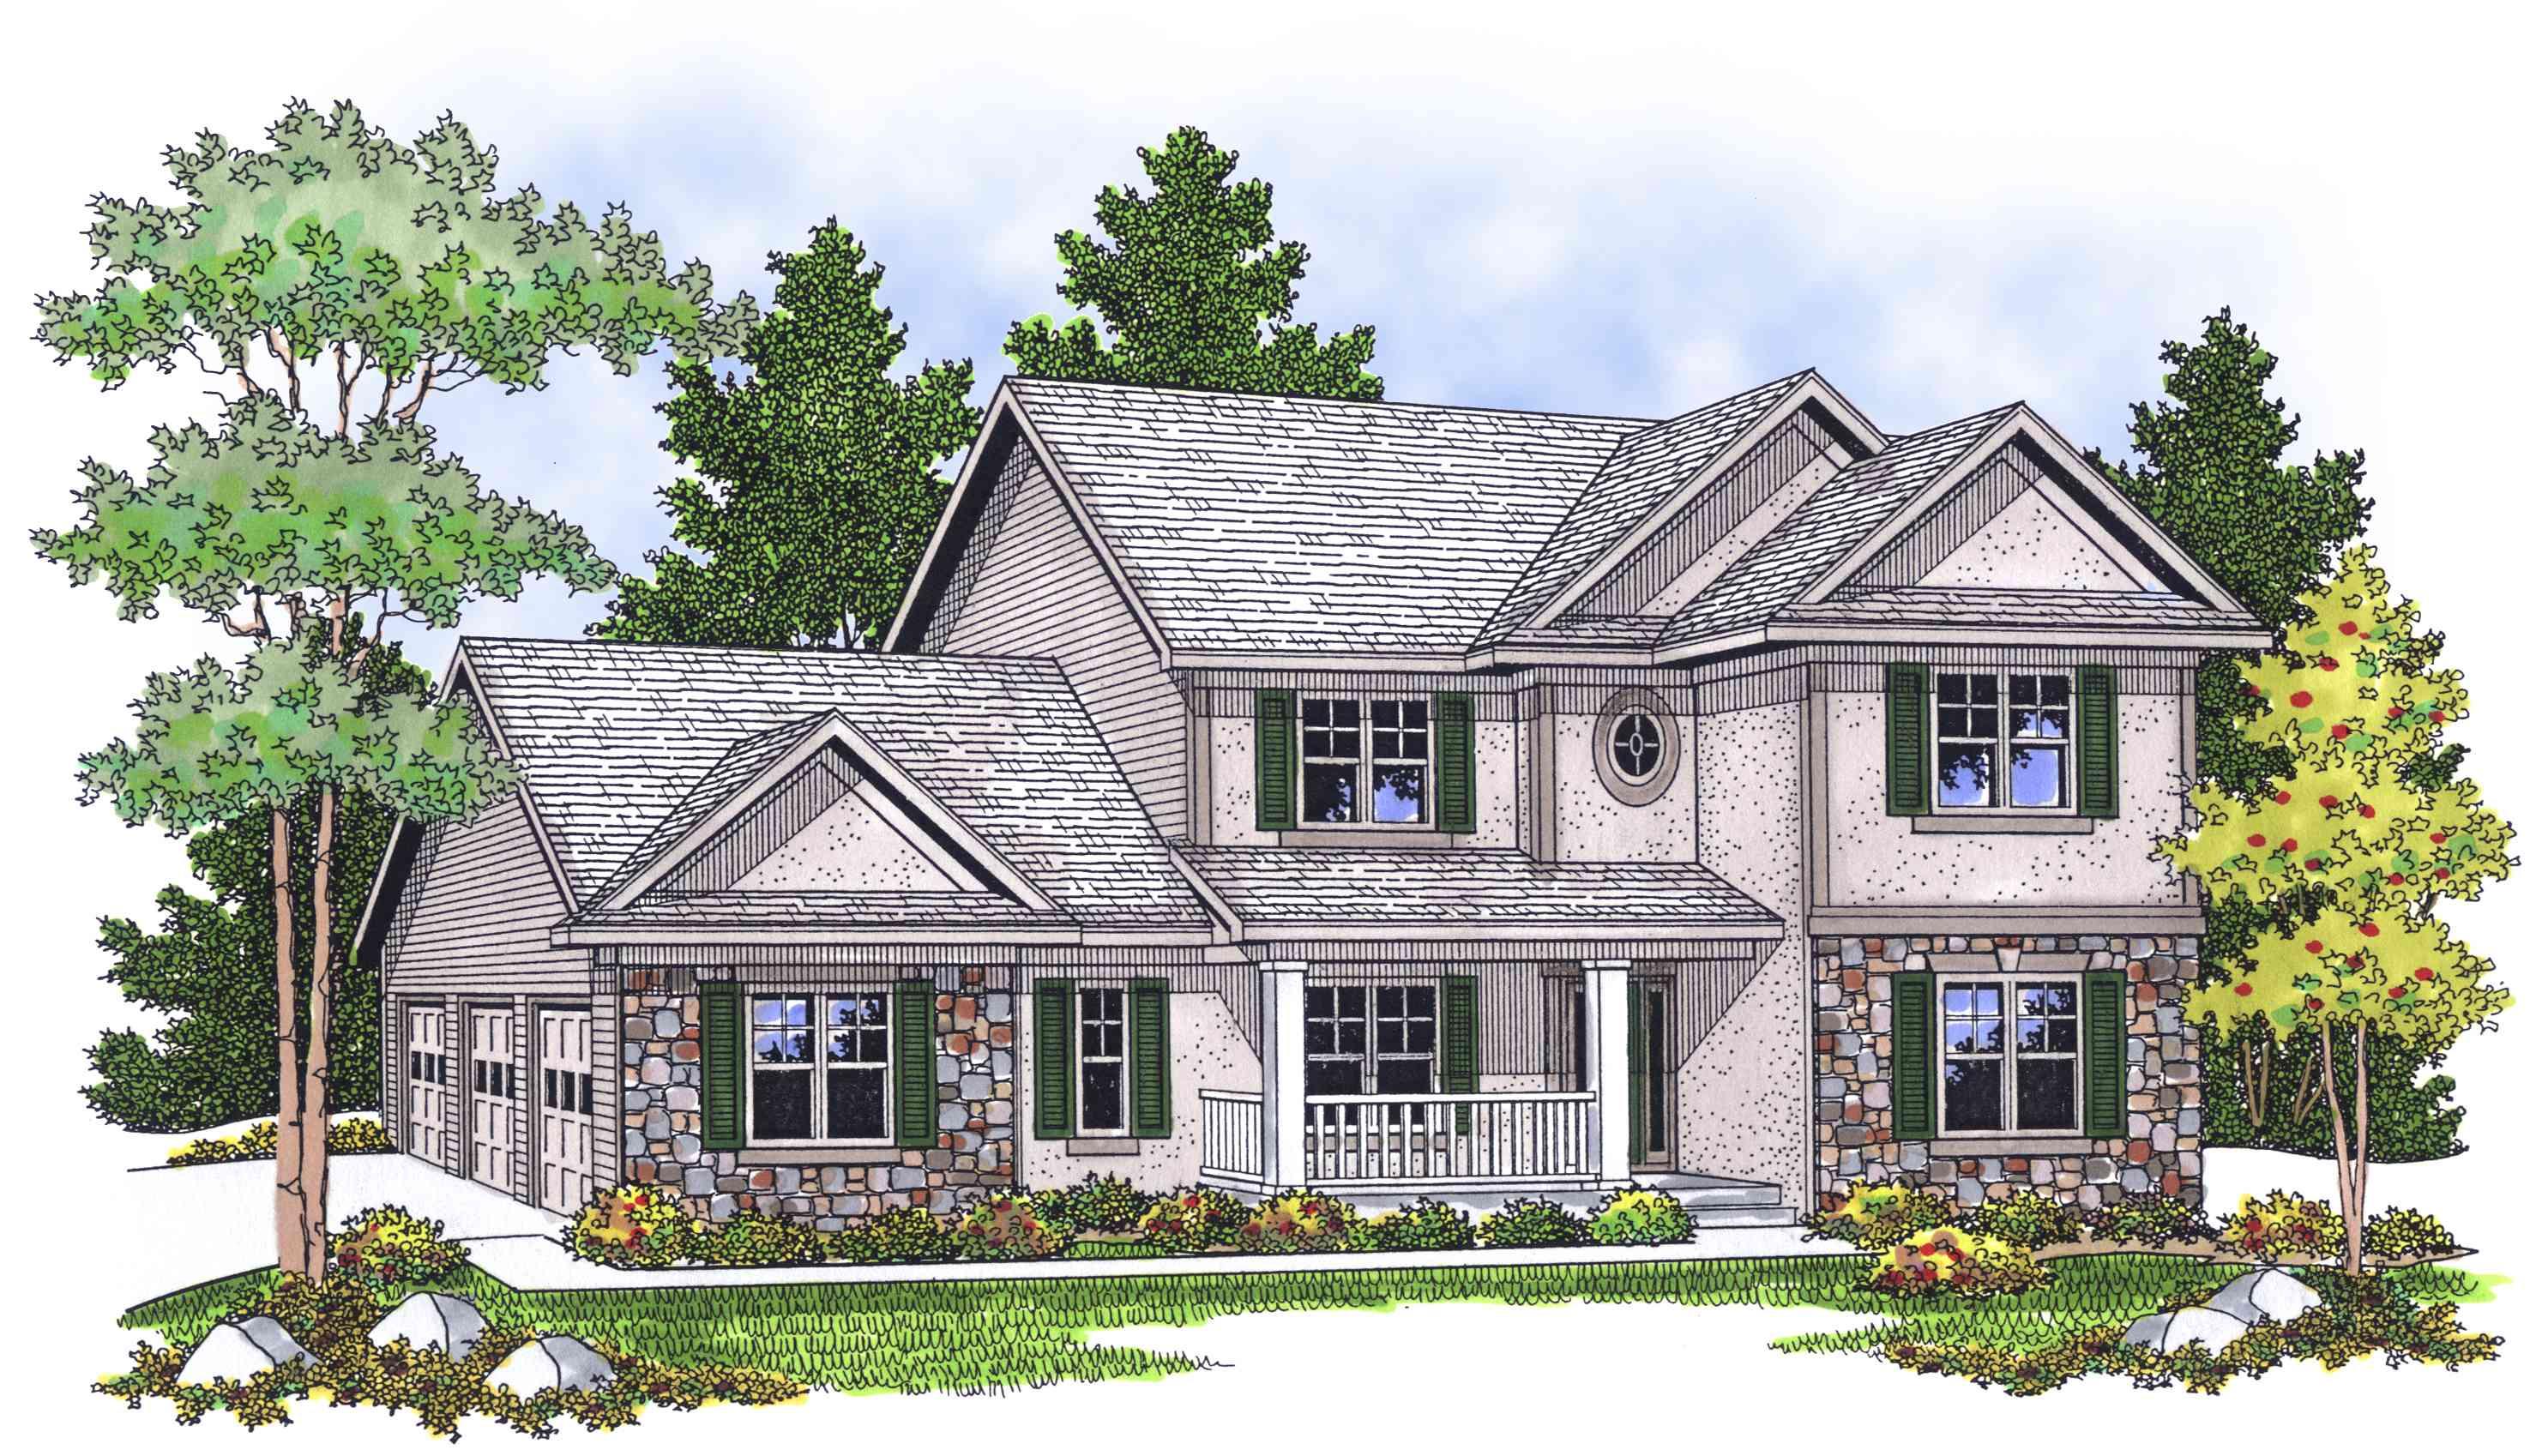 Exterior Home Design with Stucco ~ Art Facade |Stucco House Designs